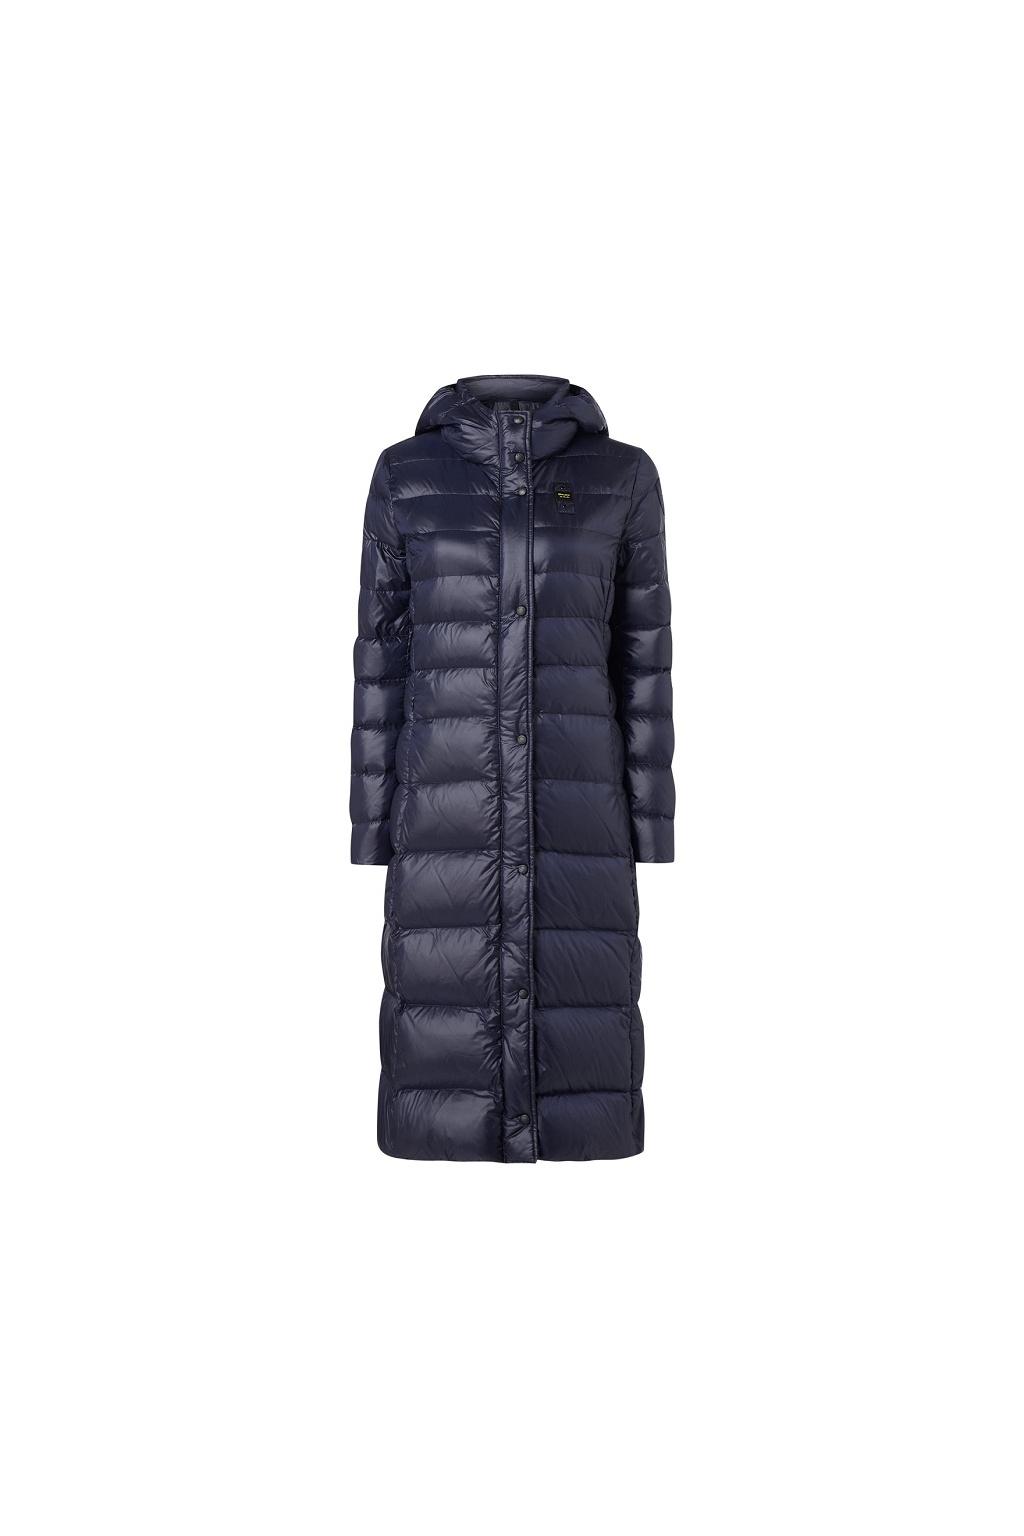 20WBLDK03399 888 Dámský péřový kabát Blauer modrý